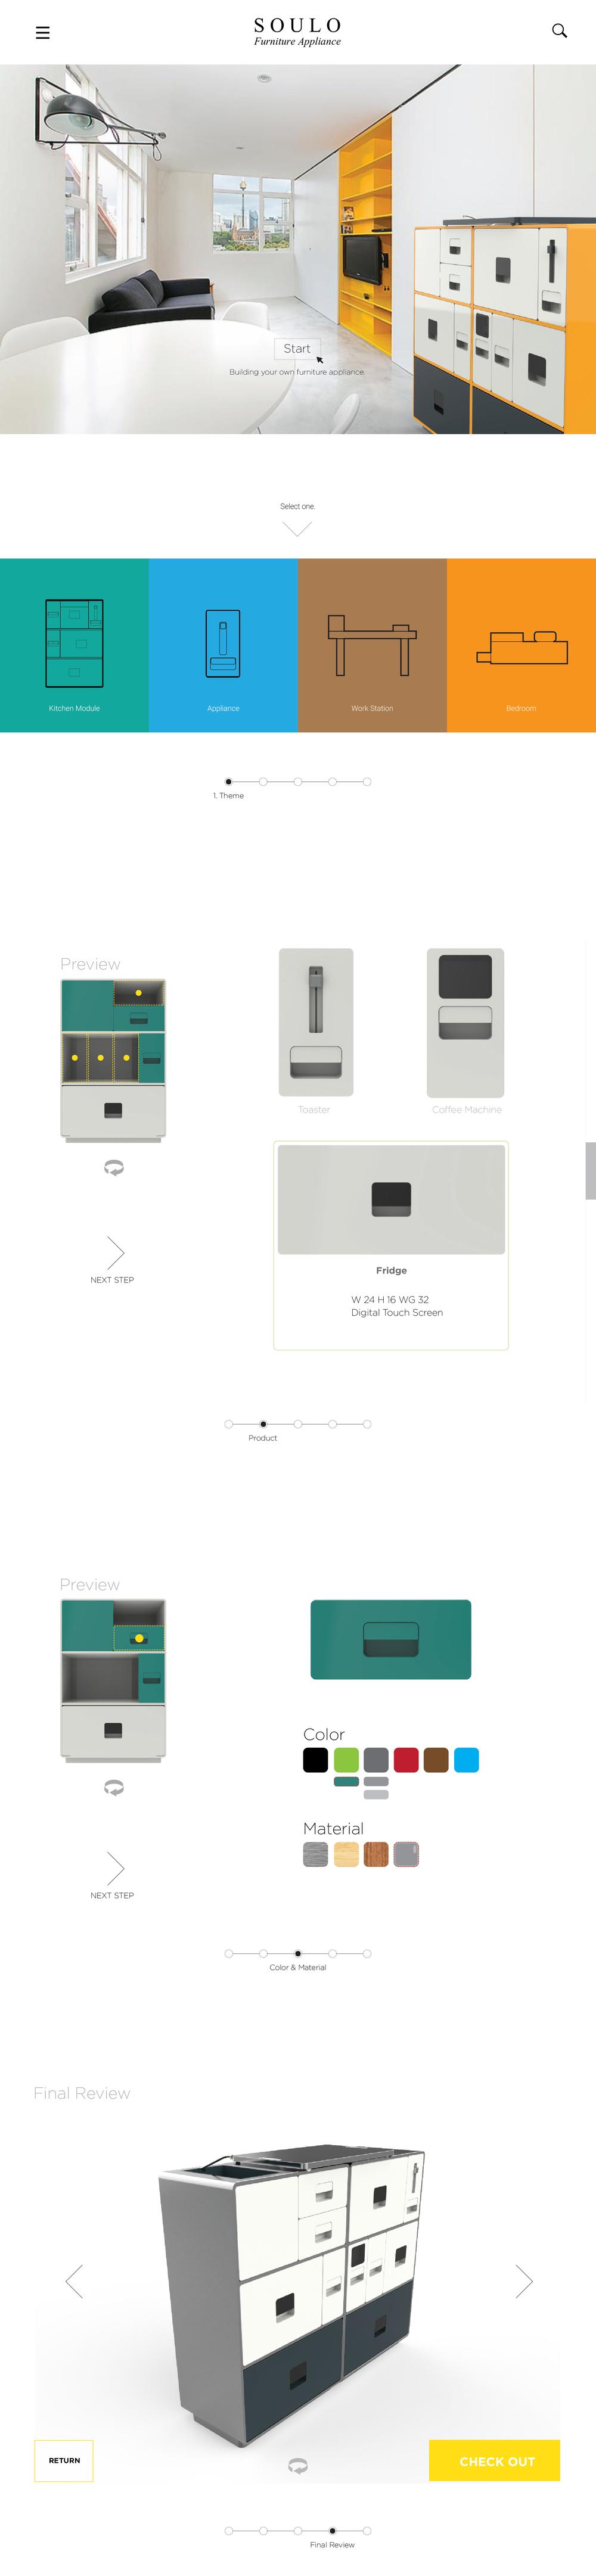 soulo website-01.jpg